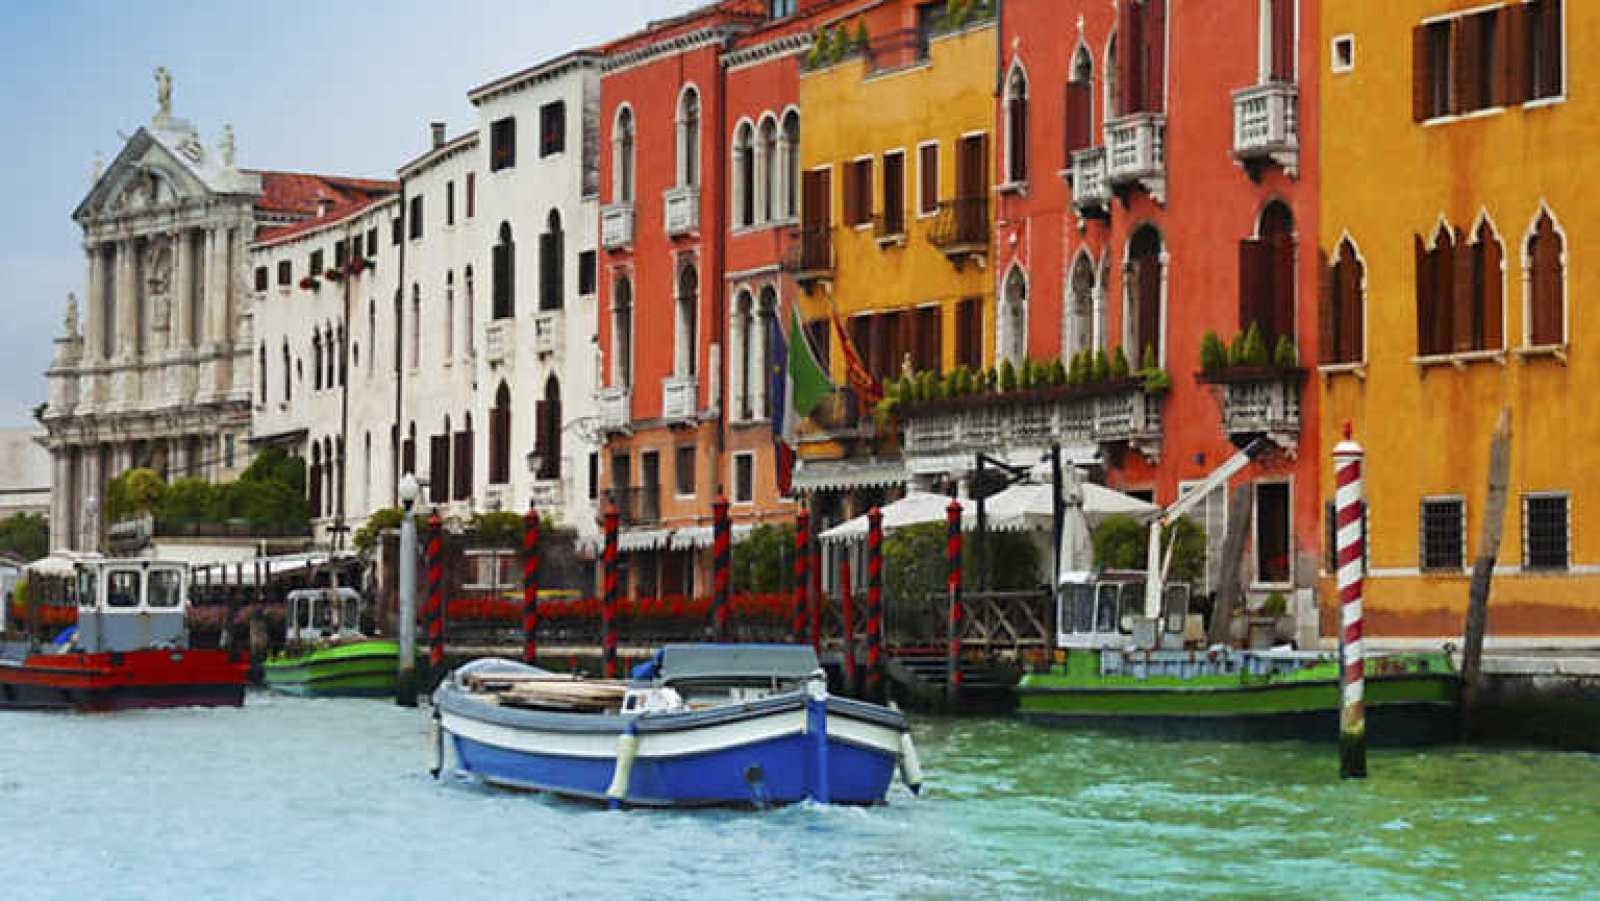 Para todos los públicos Con mis ojos - Venecia - Ver ahora reproducir video 74c8b923be9